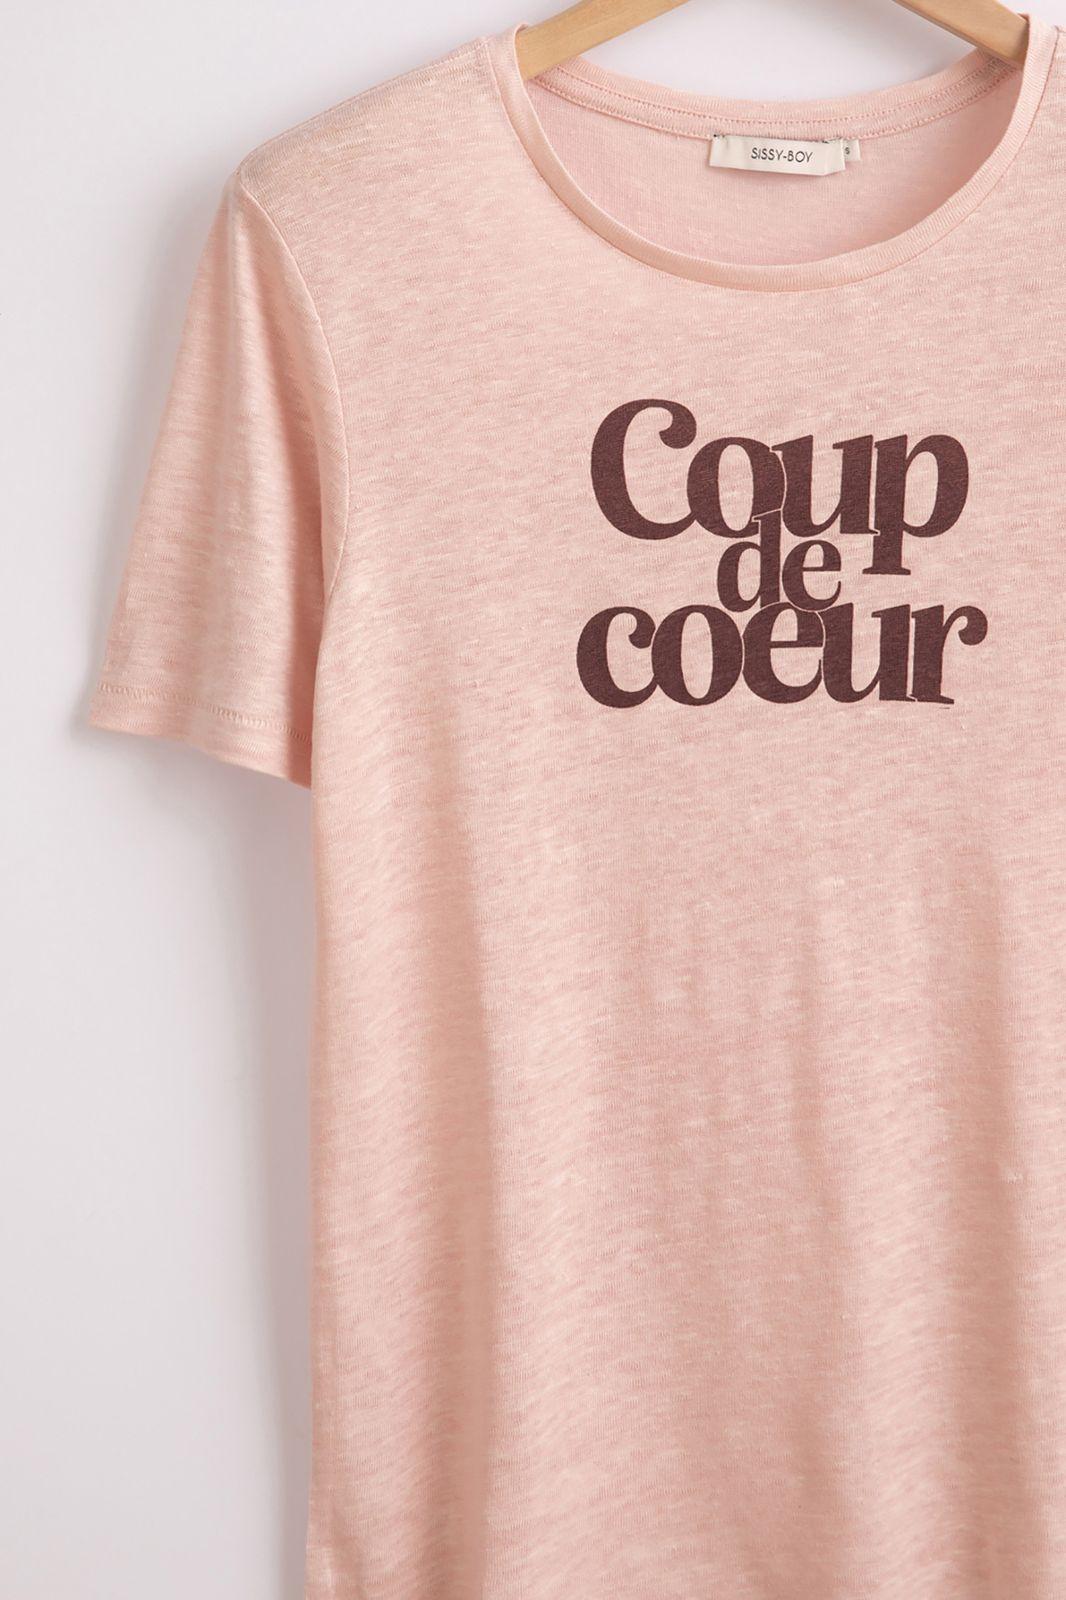 Roze t-shirt met tekst